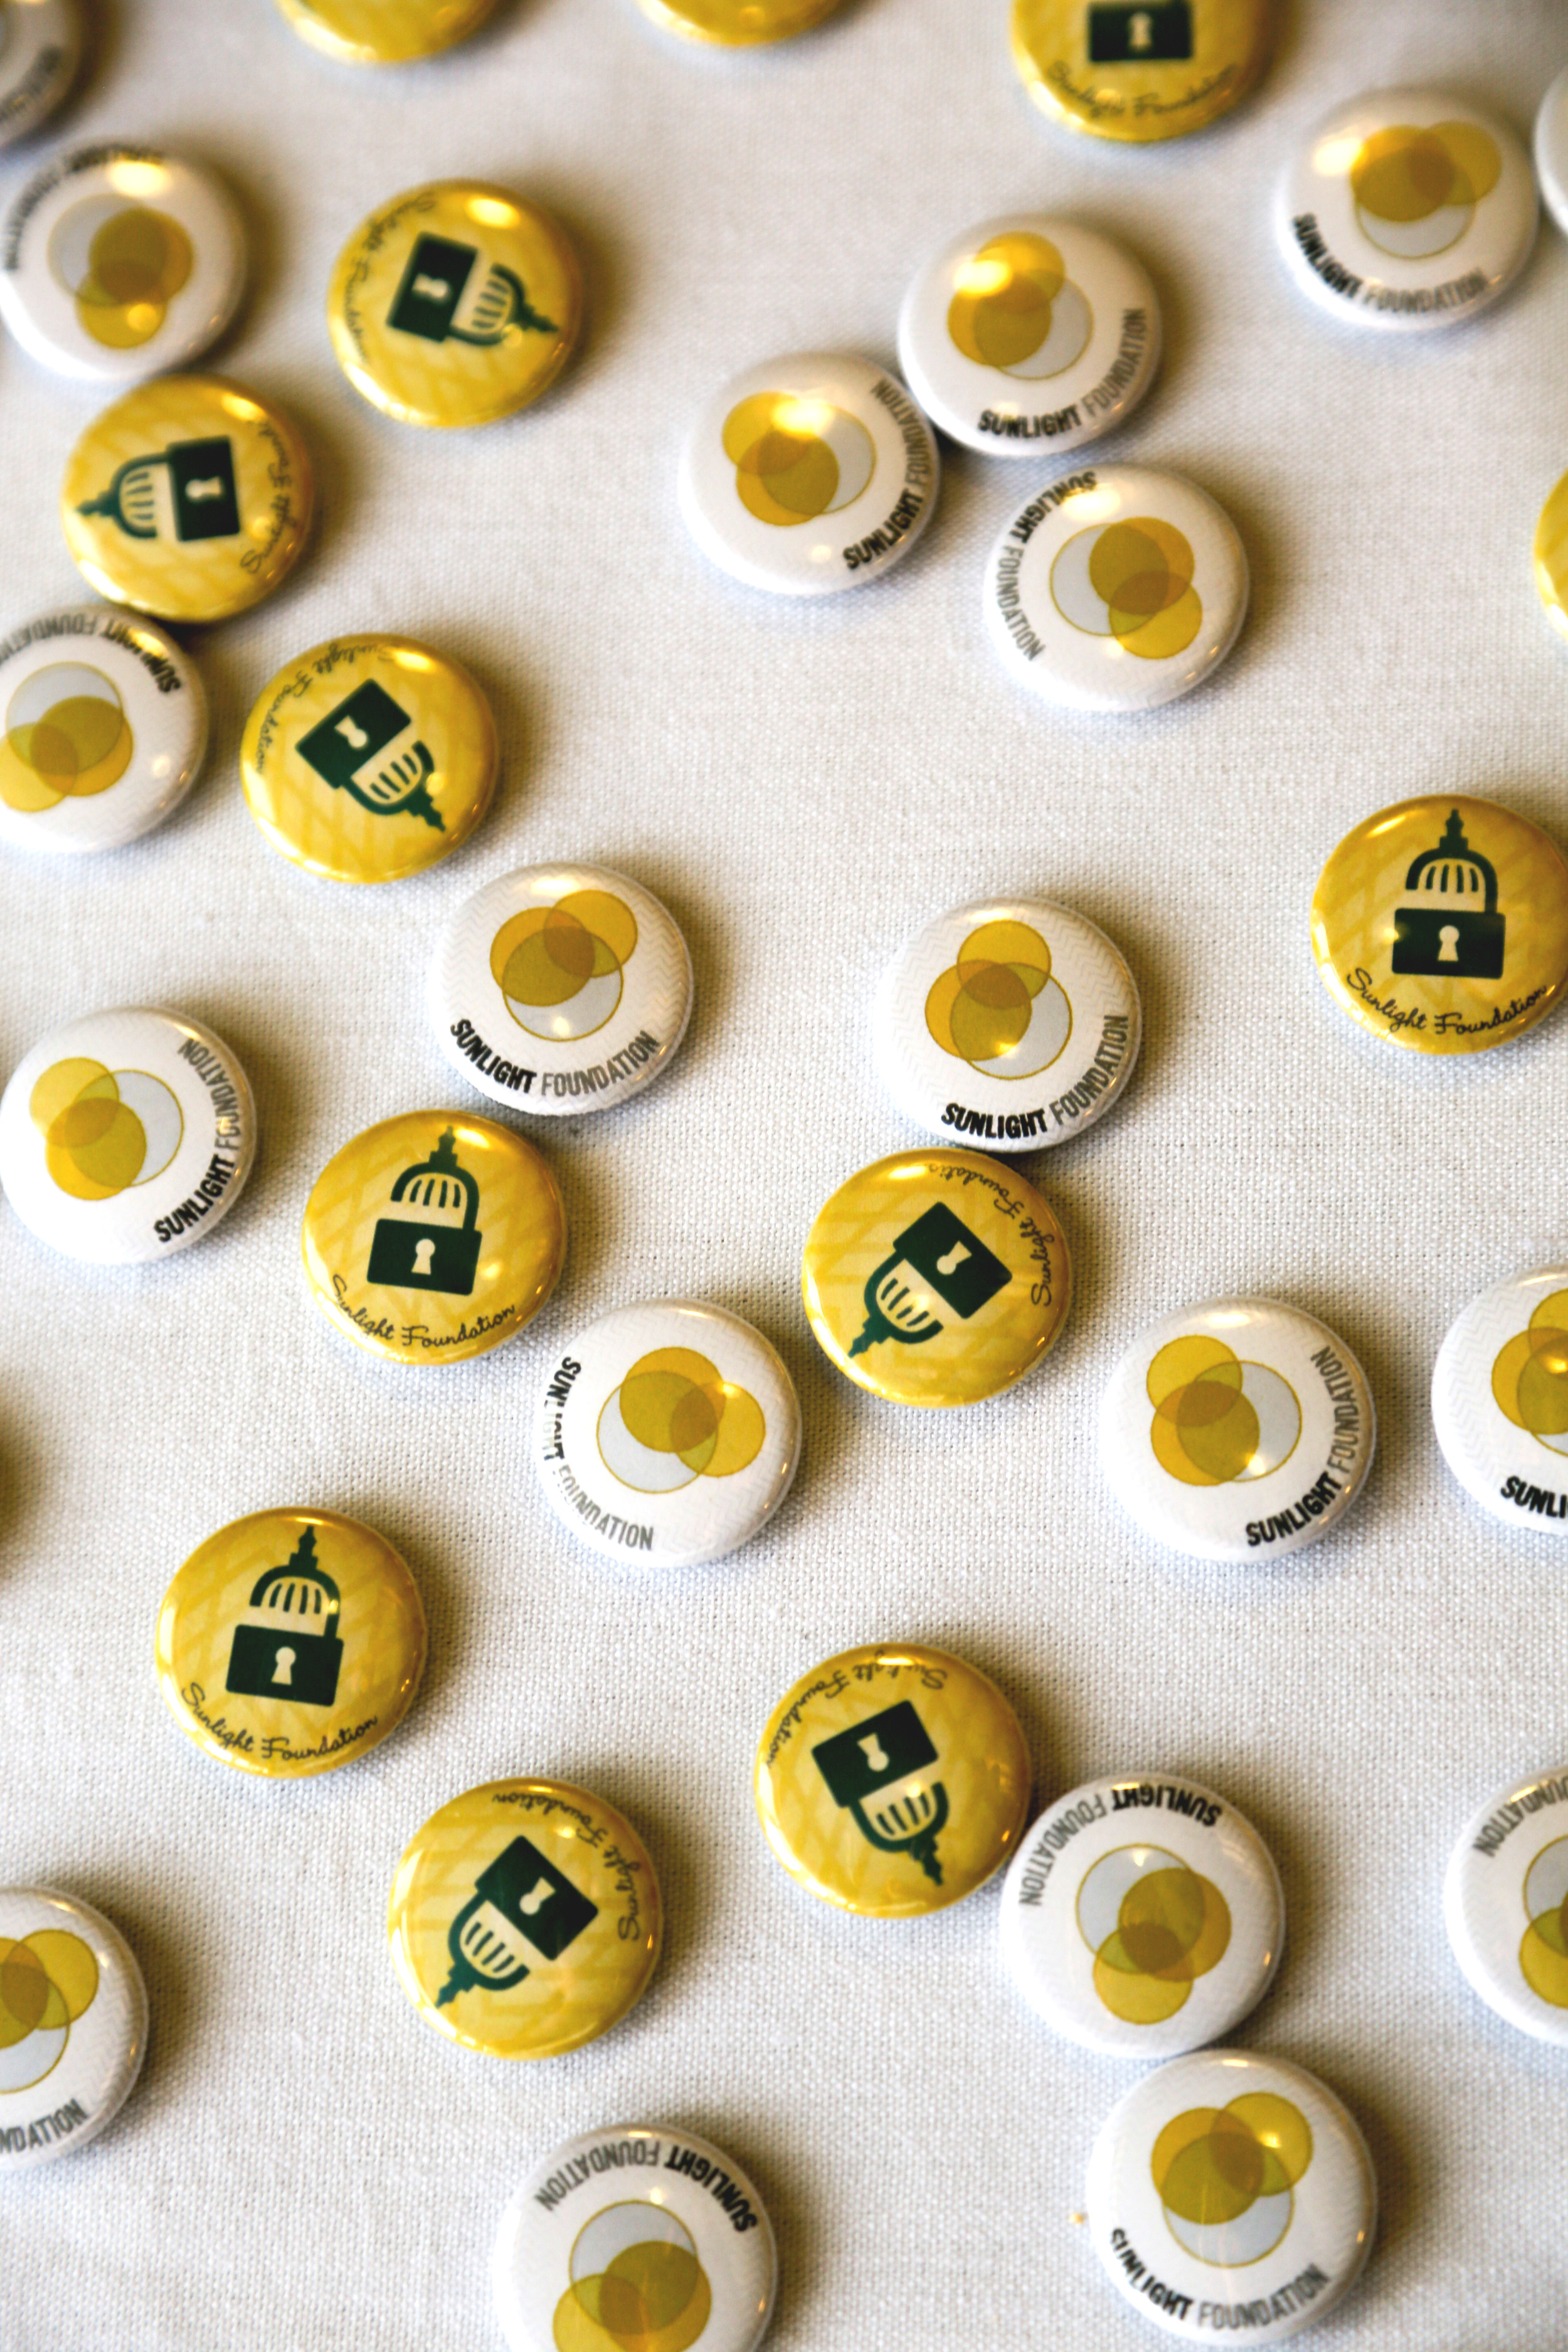 Sunlight Foundation buttons